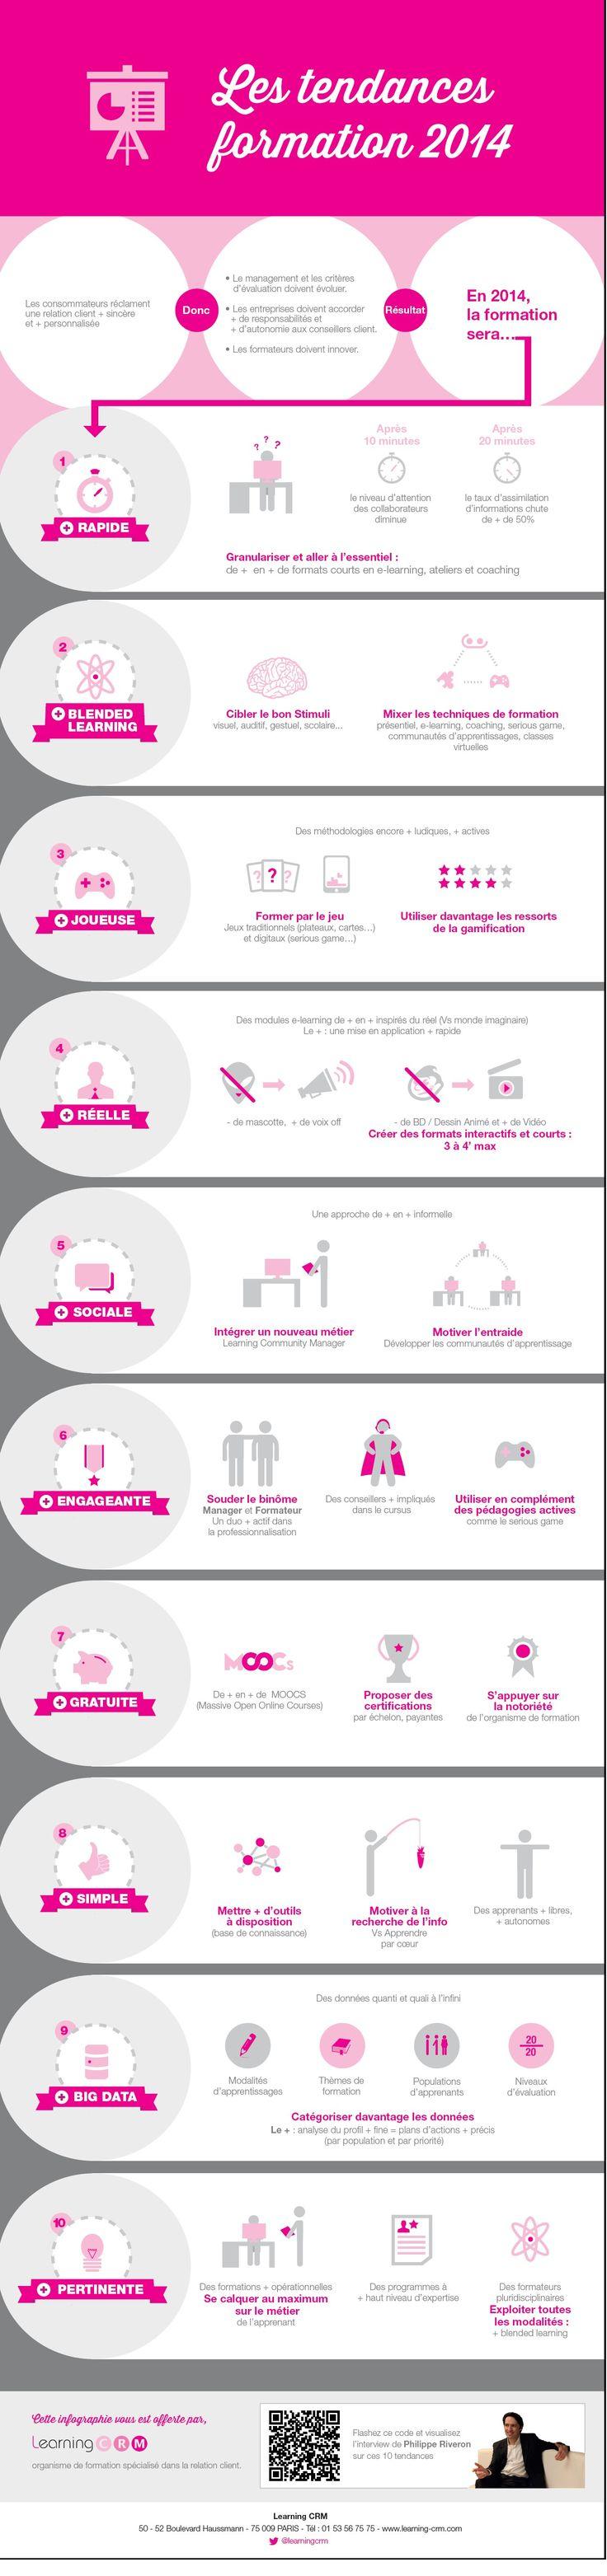 Les tendances de la formation : collection 2014 #infographic #formation #infographie